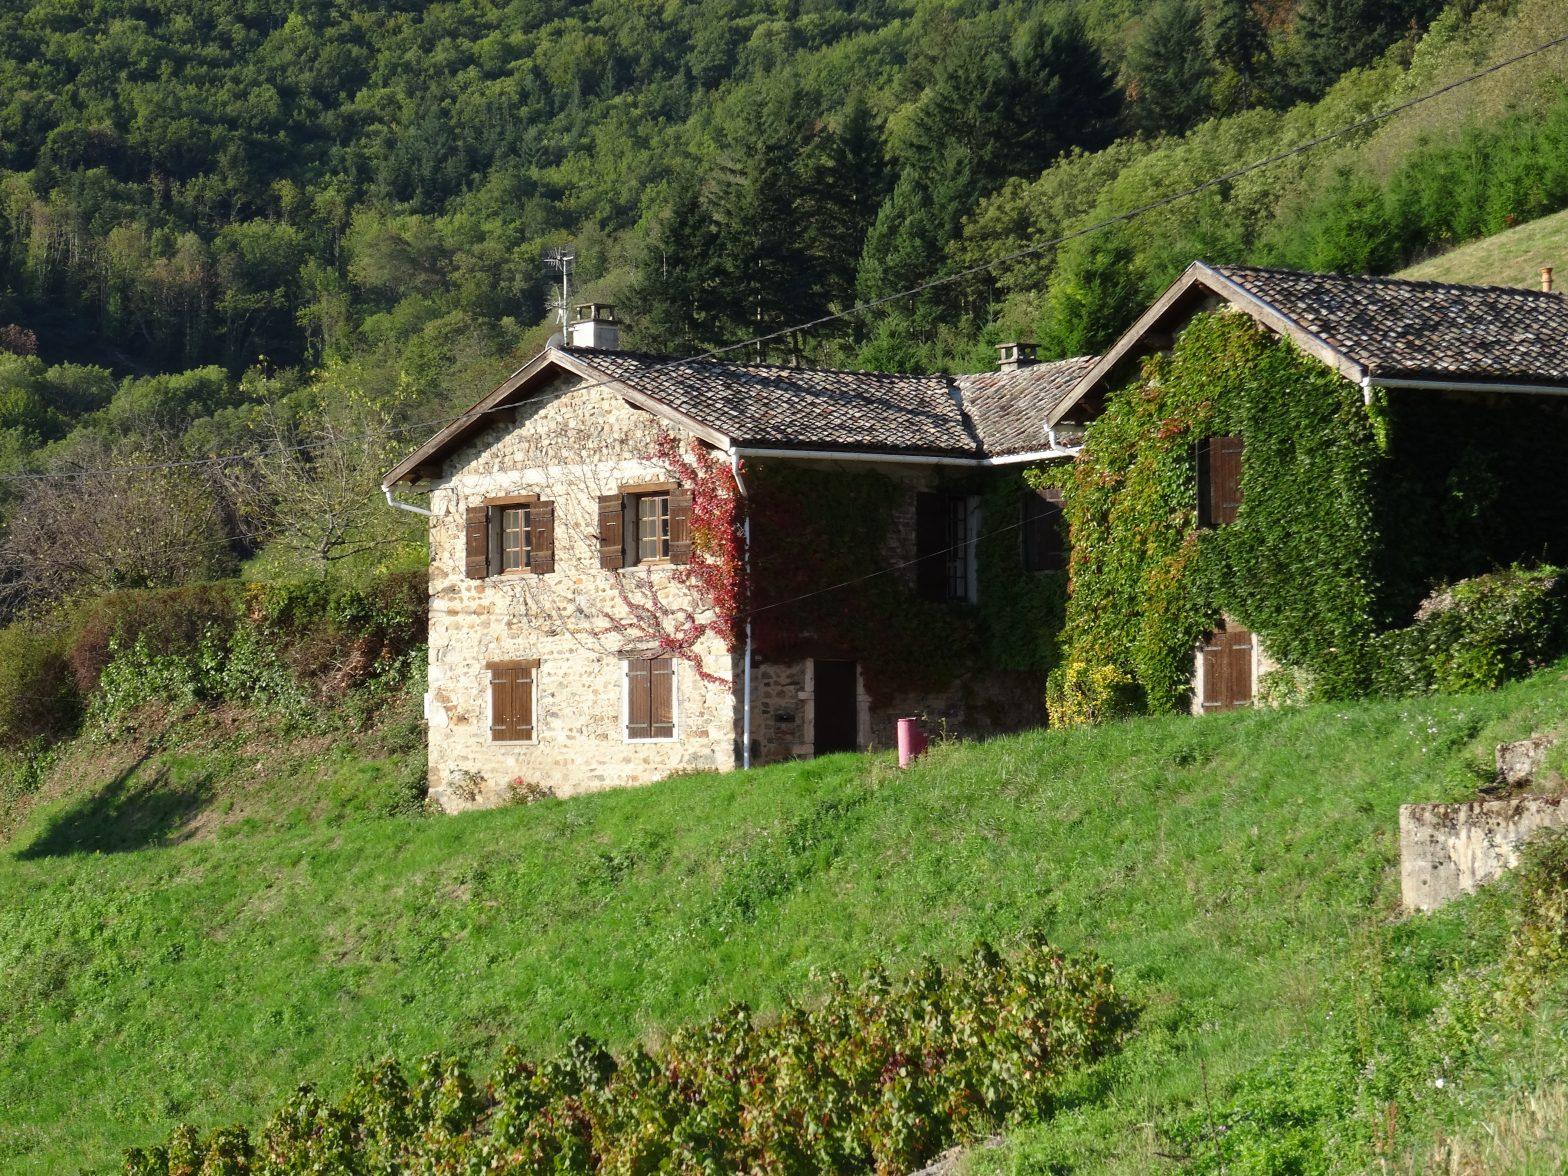 Belles demeures à vendre de 0.46 HA - beaujolais